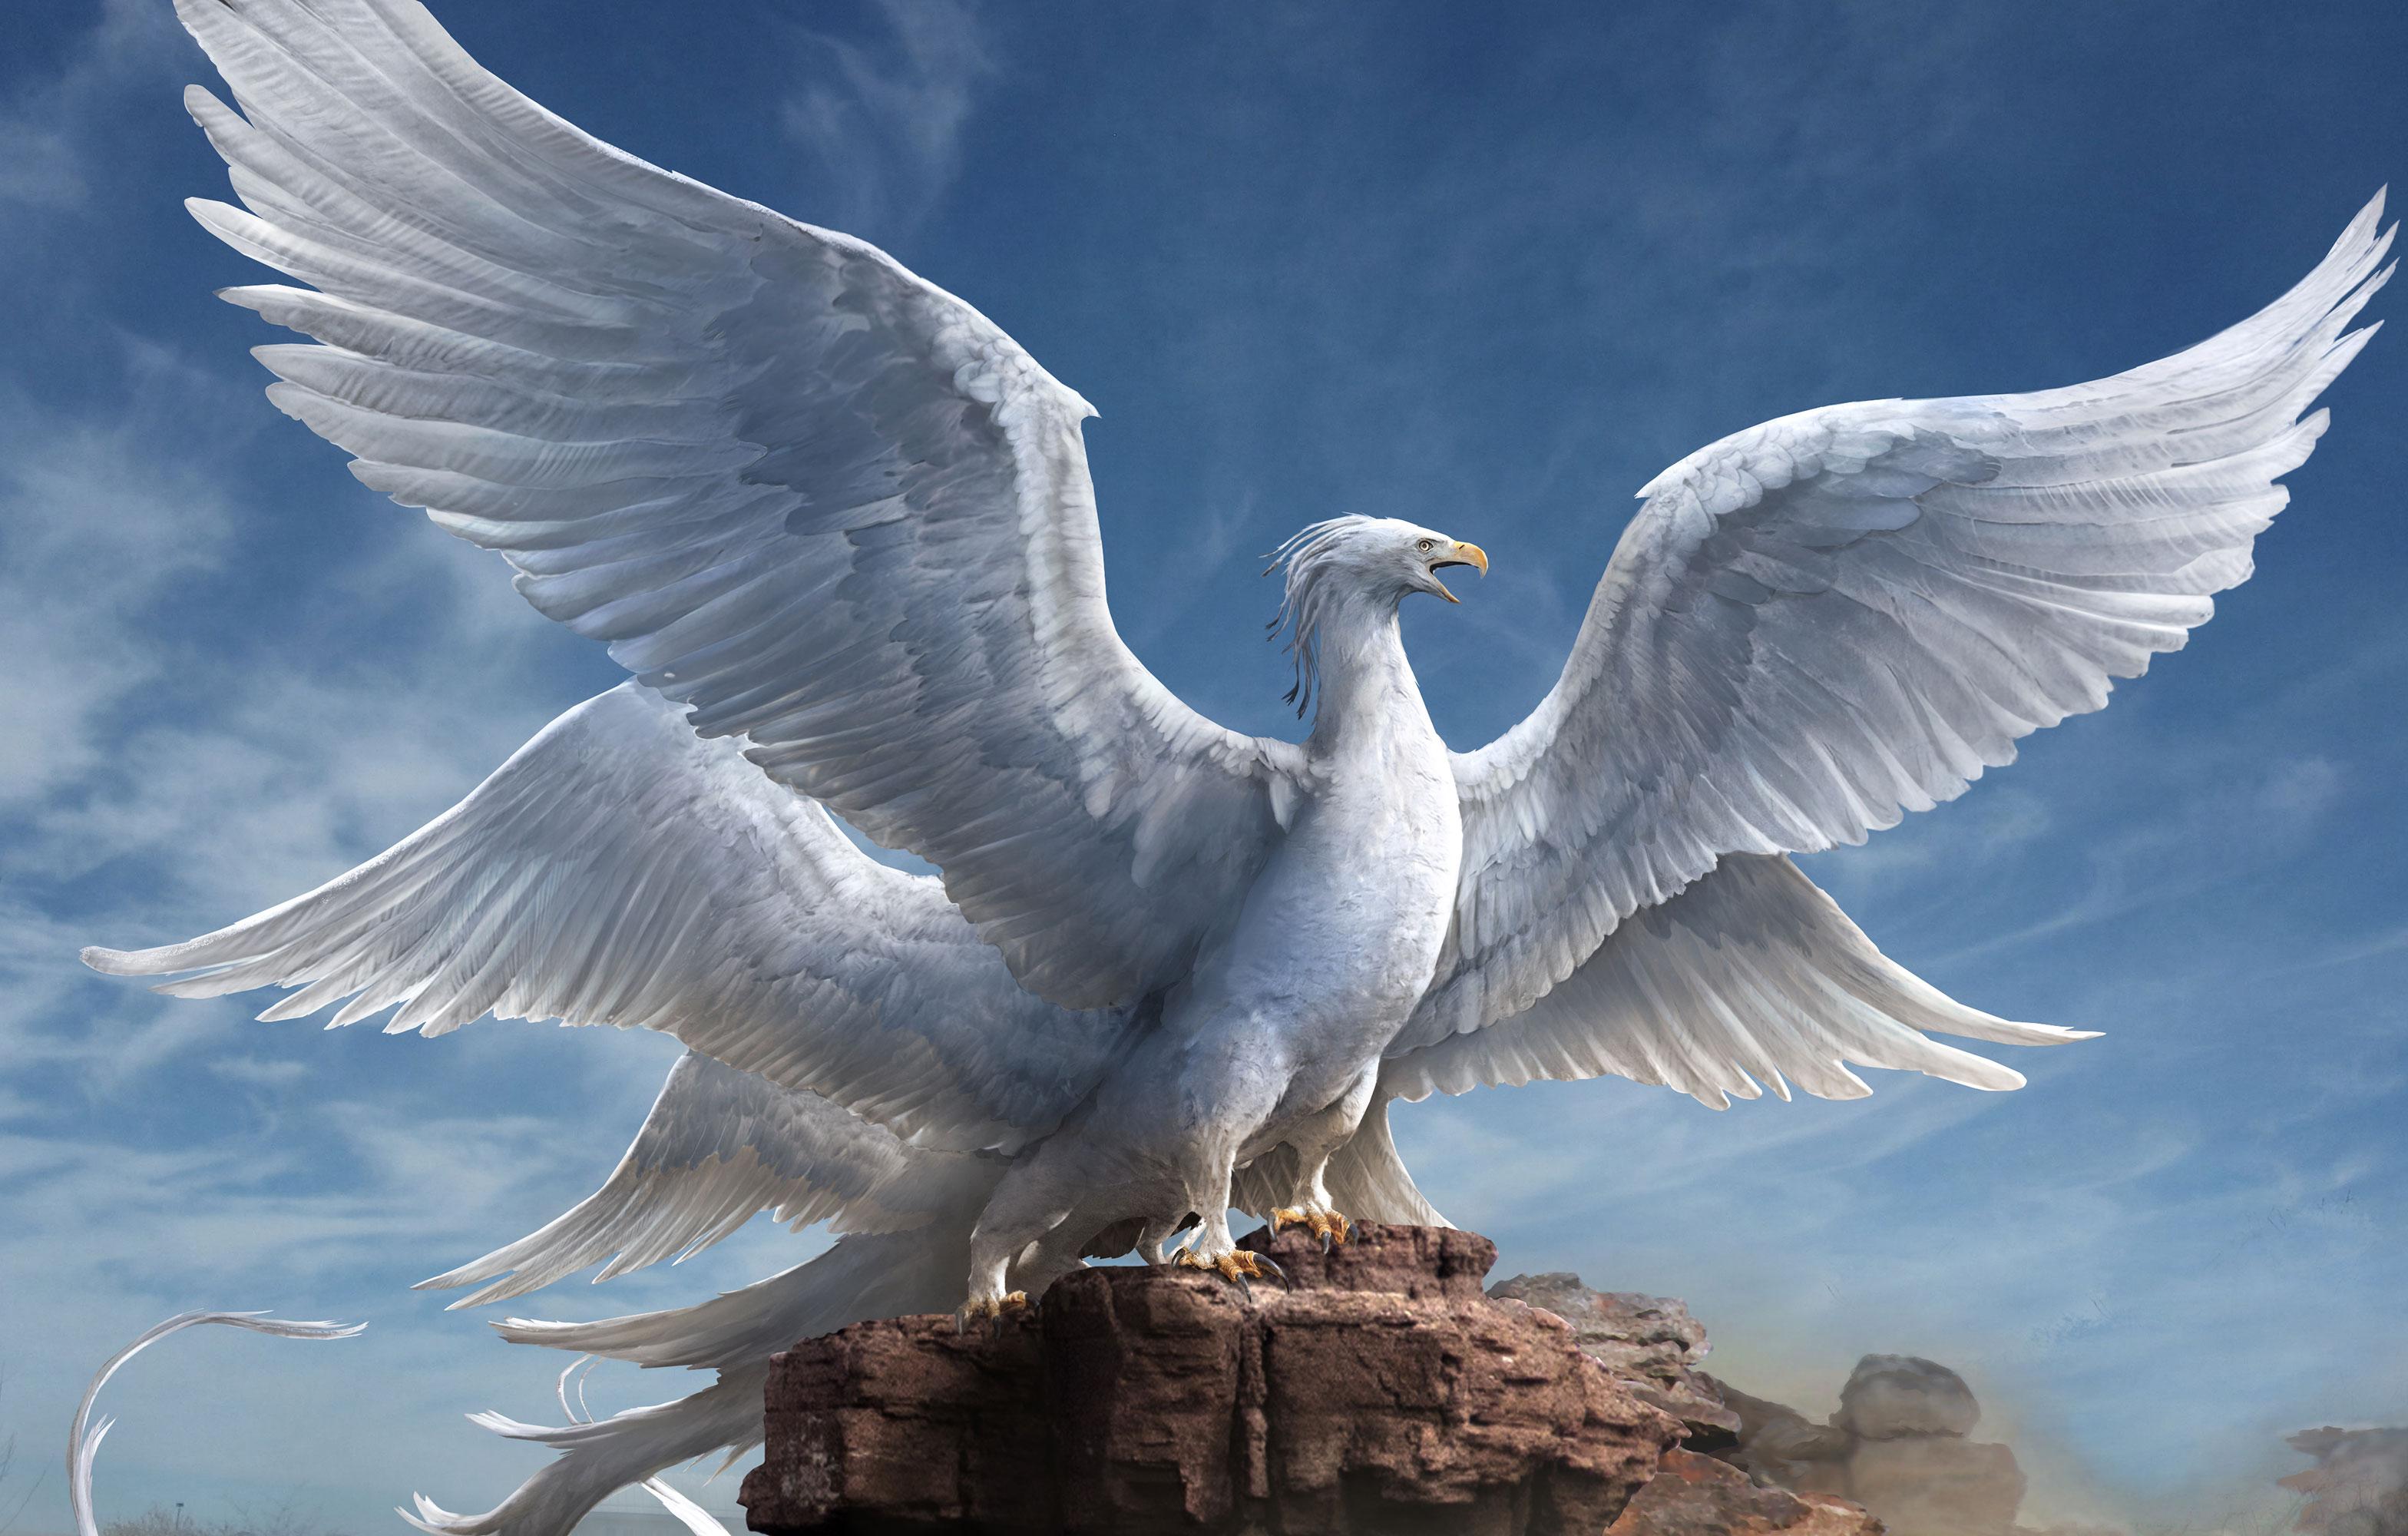 boswell_thunderbird_WingsEffect_v009_AV_3